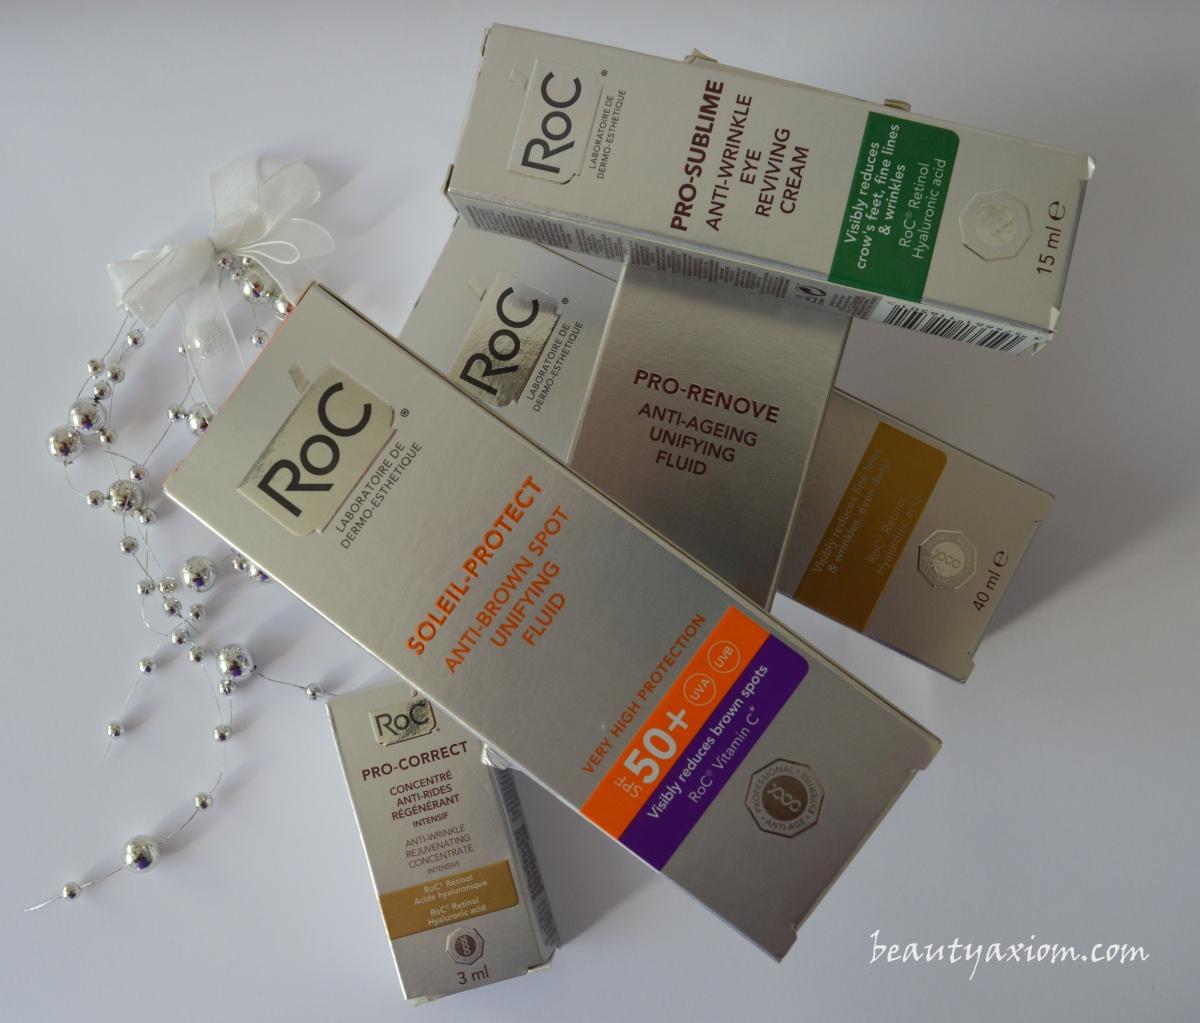 Efikasne supstance protiv starenja ili RoC kozmetika